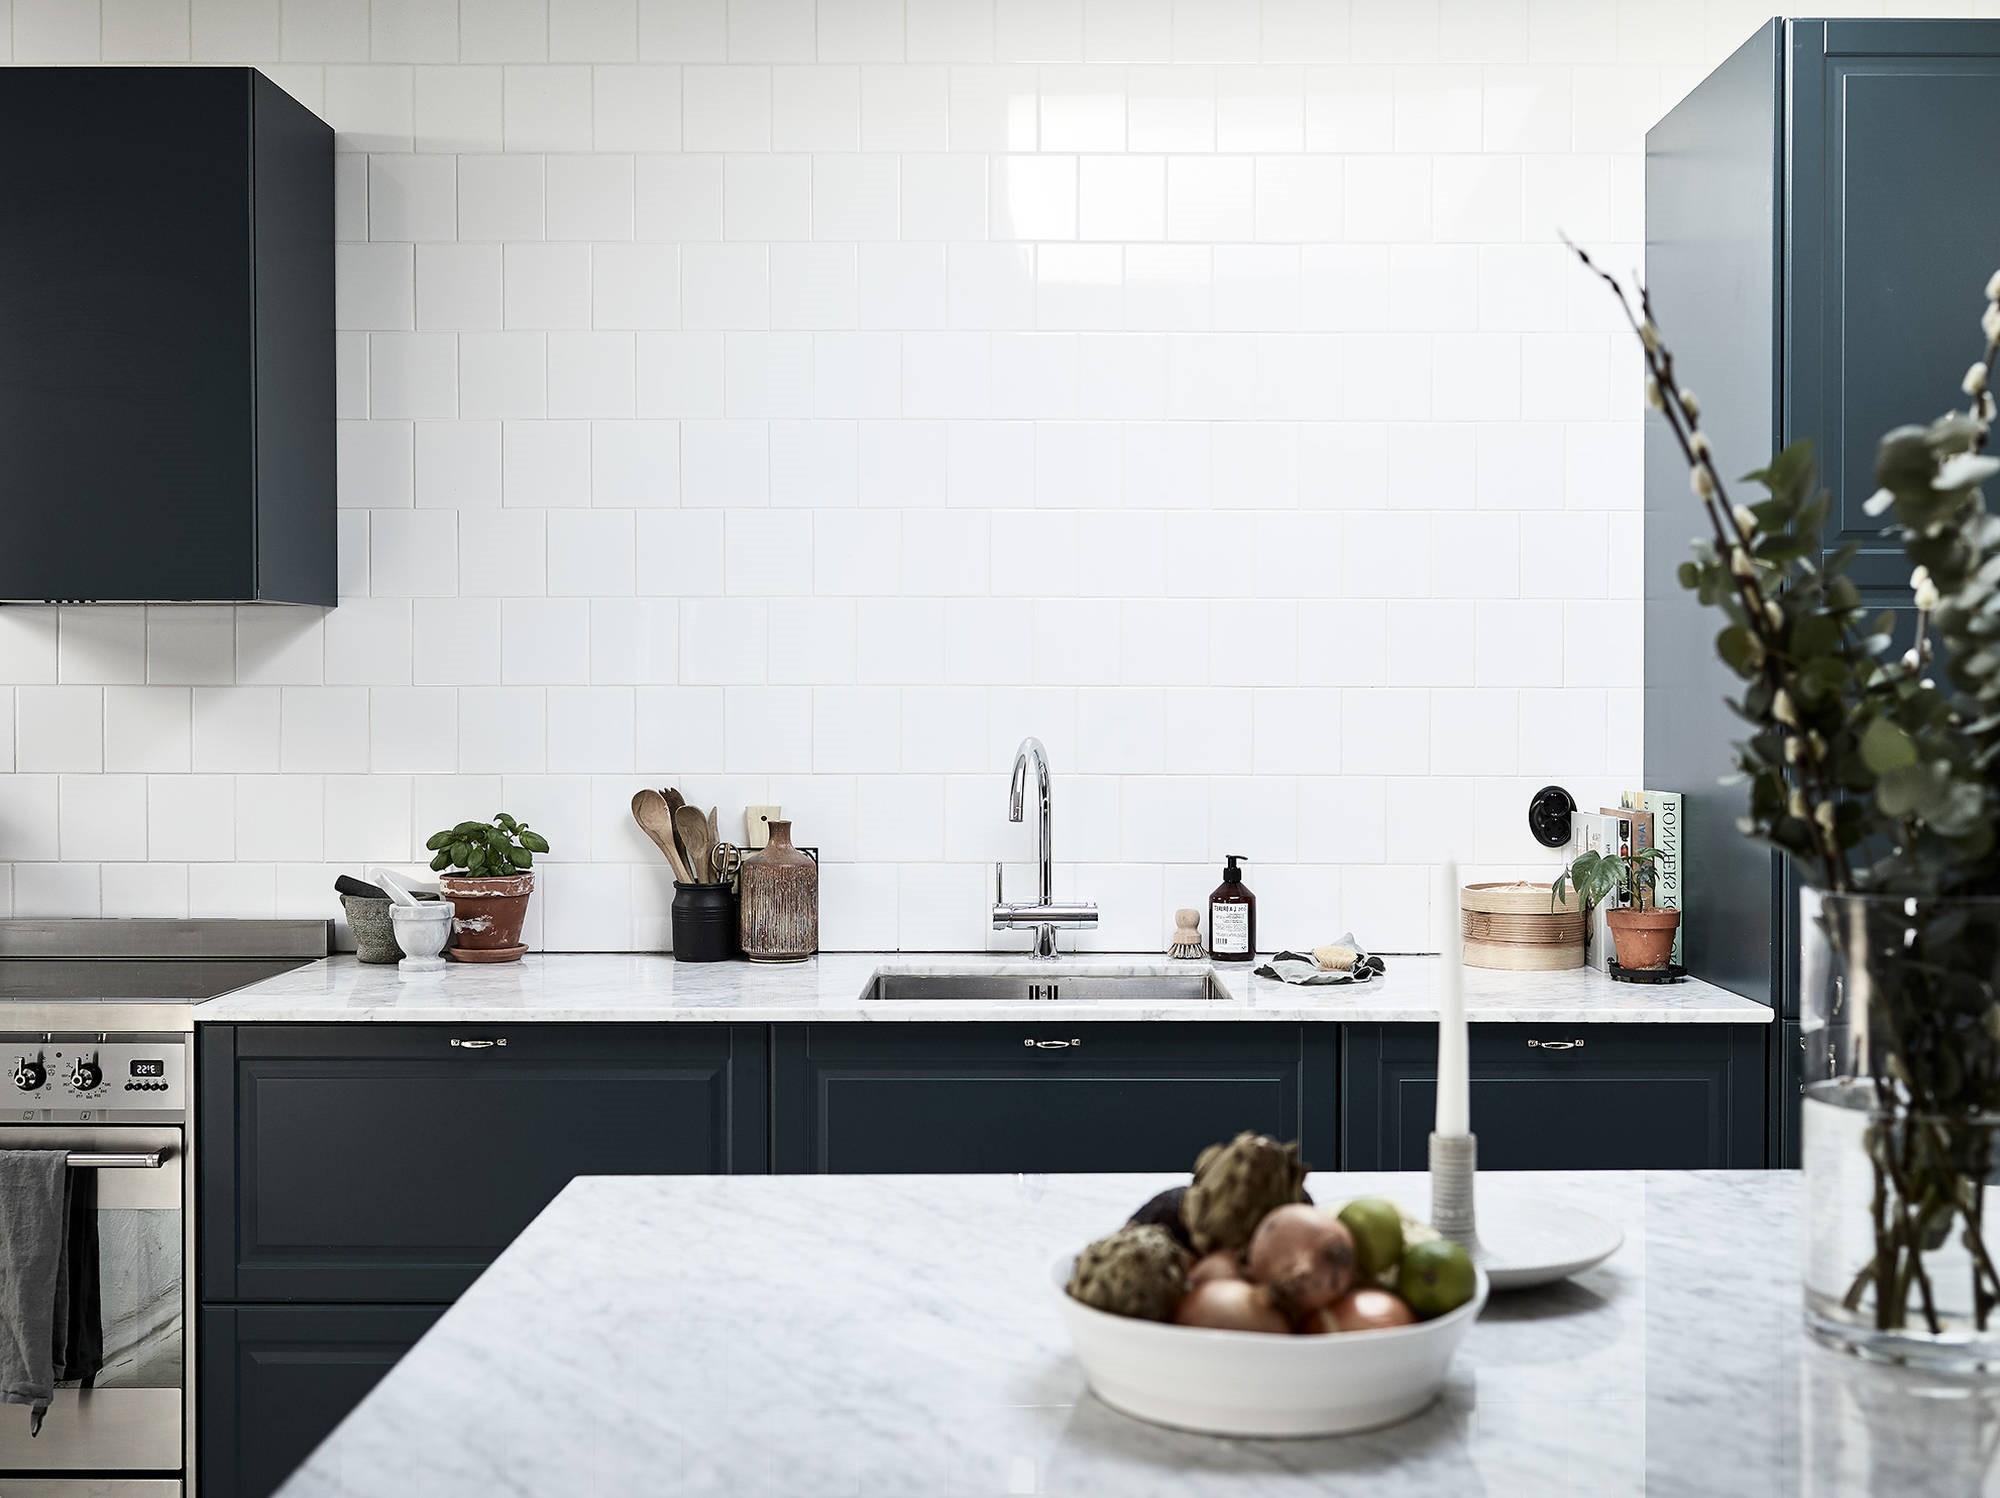 Armoires de cuisine bleu canard avec des comptoirs blancs.